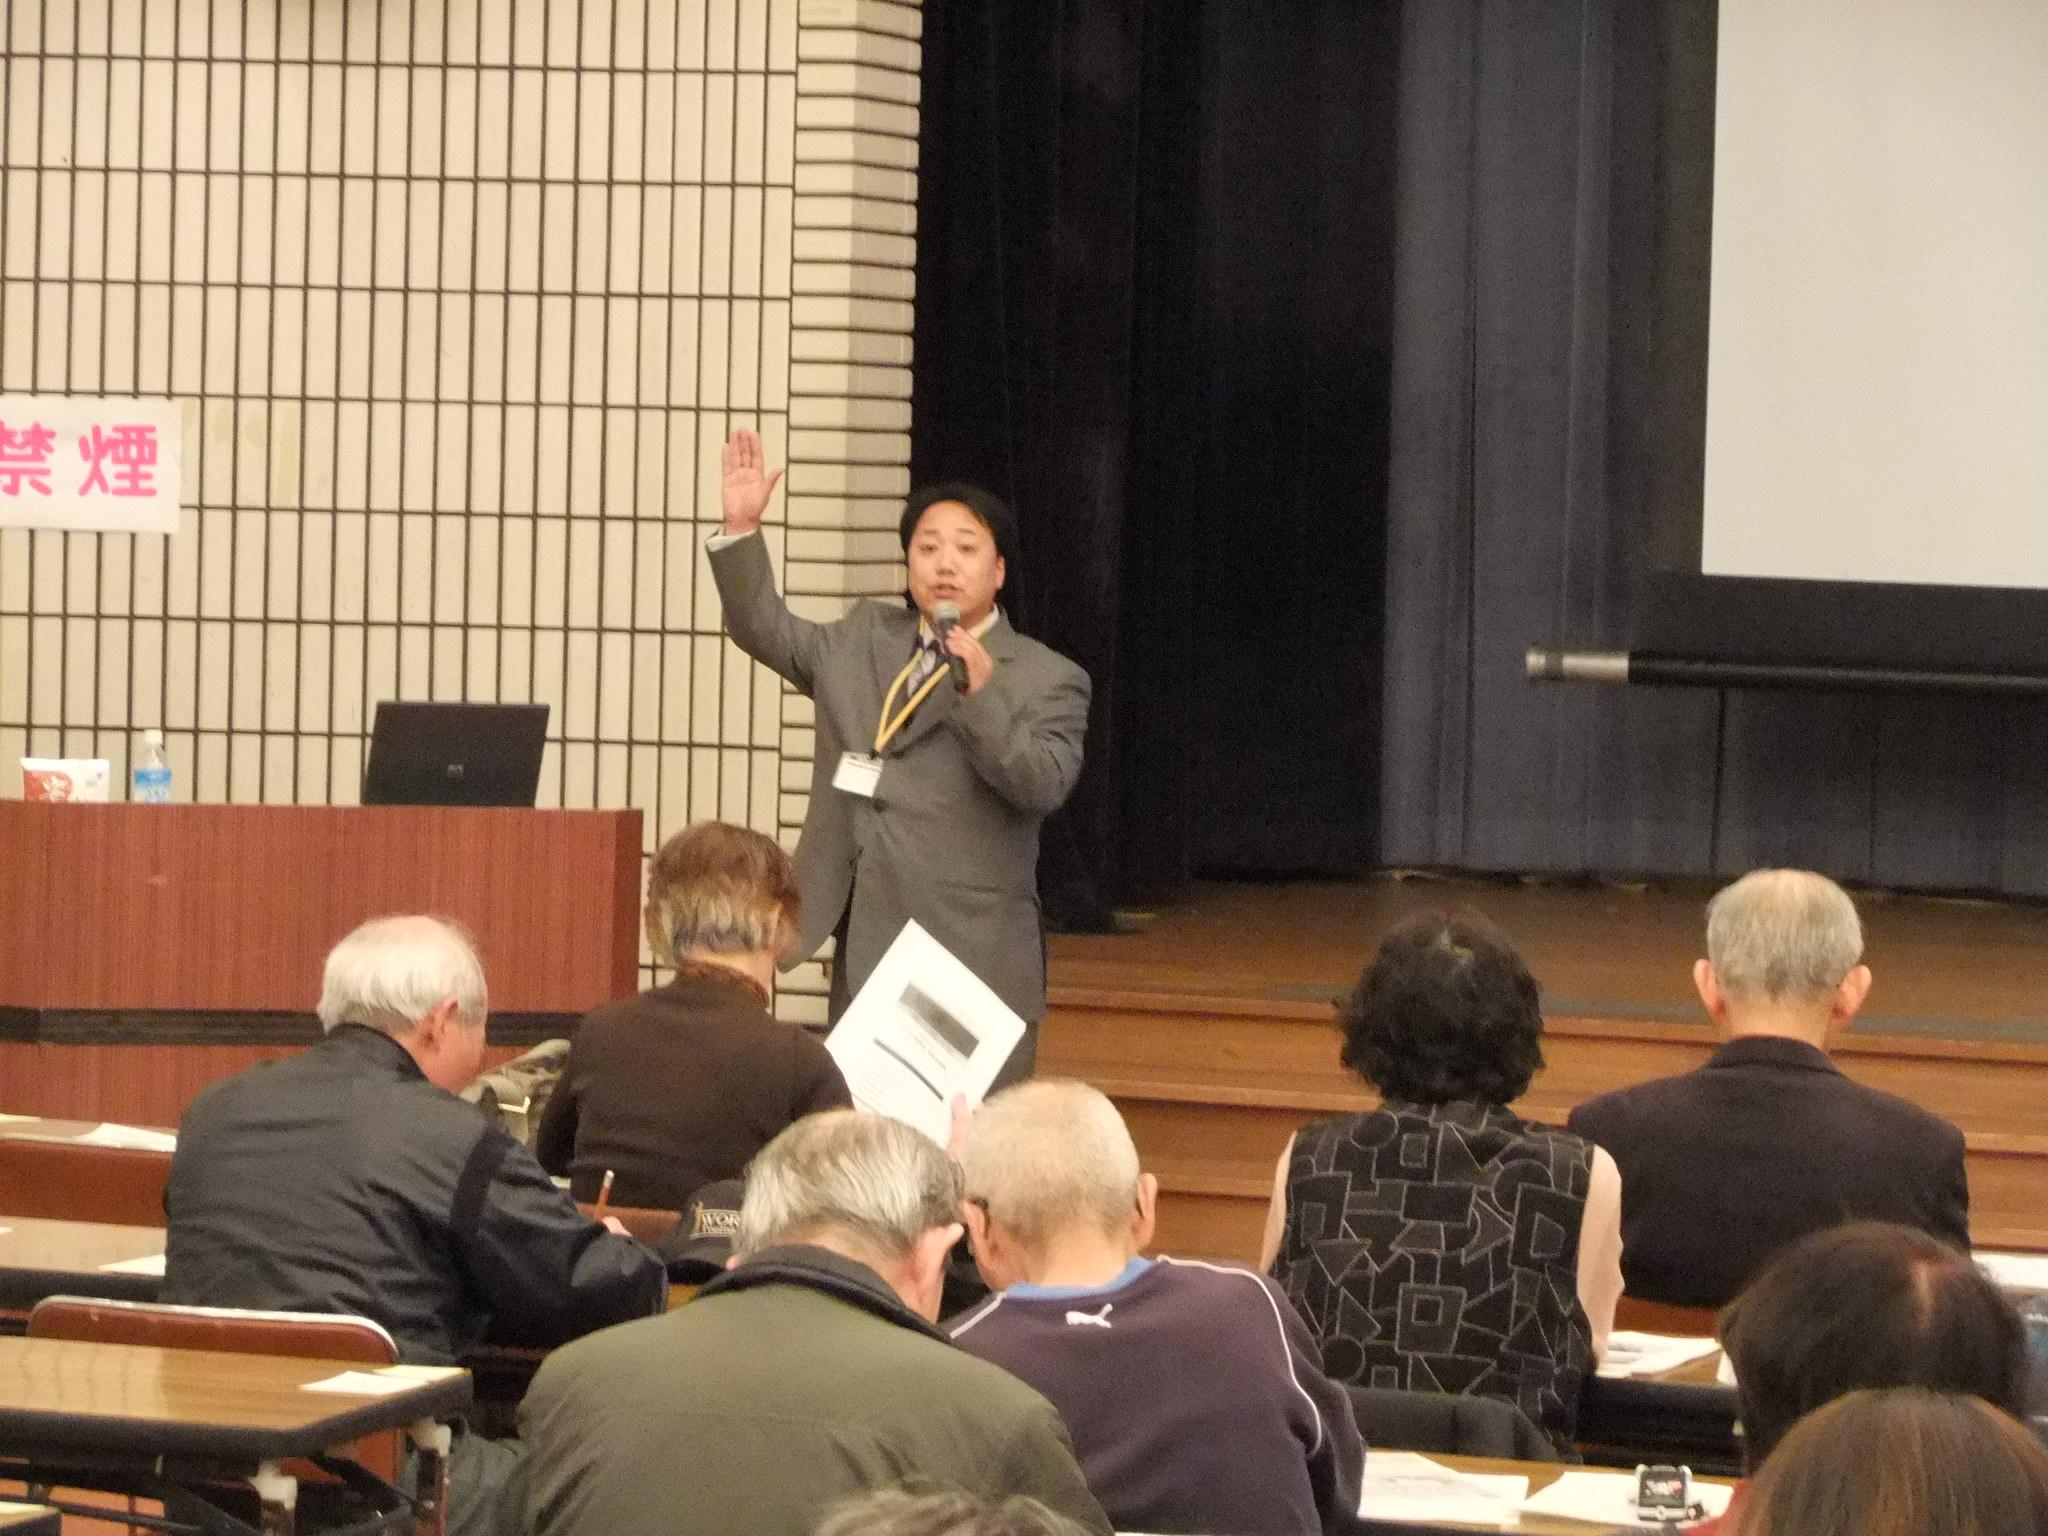 第2回岸和田市民フォーラム写真 2010年3月13日 152.jpg